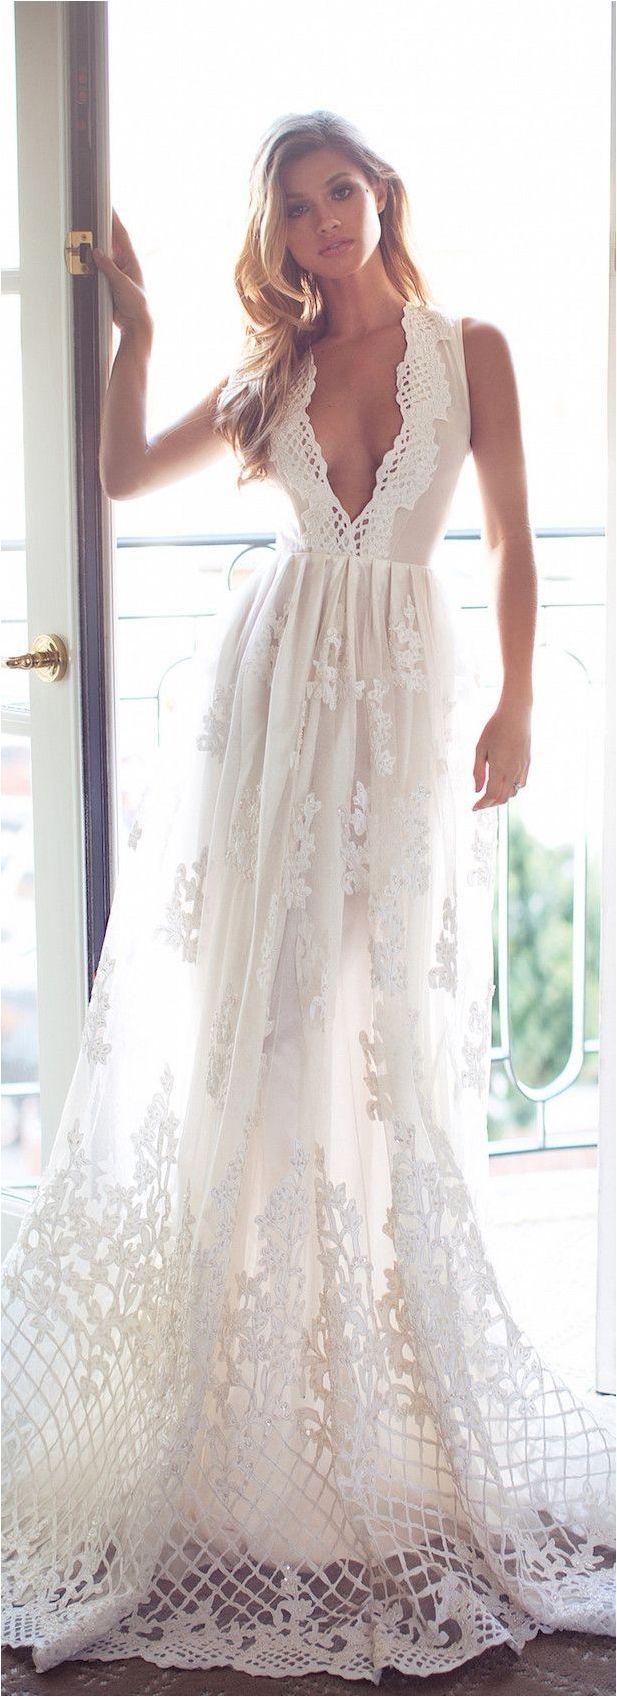 Best 25+ Beach wedding dresses ideas on Pinterest | Beach ...